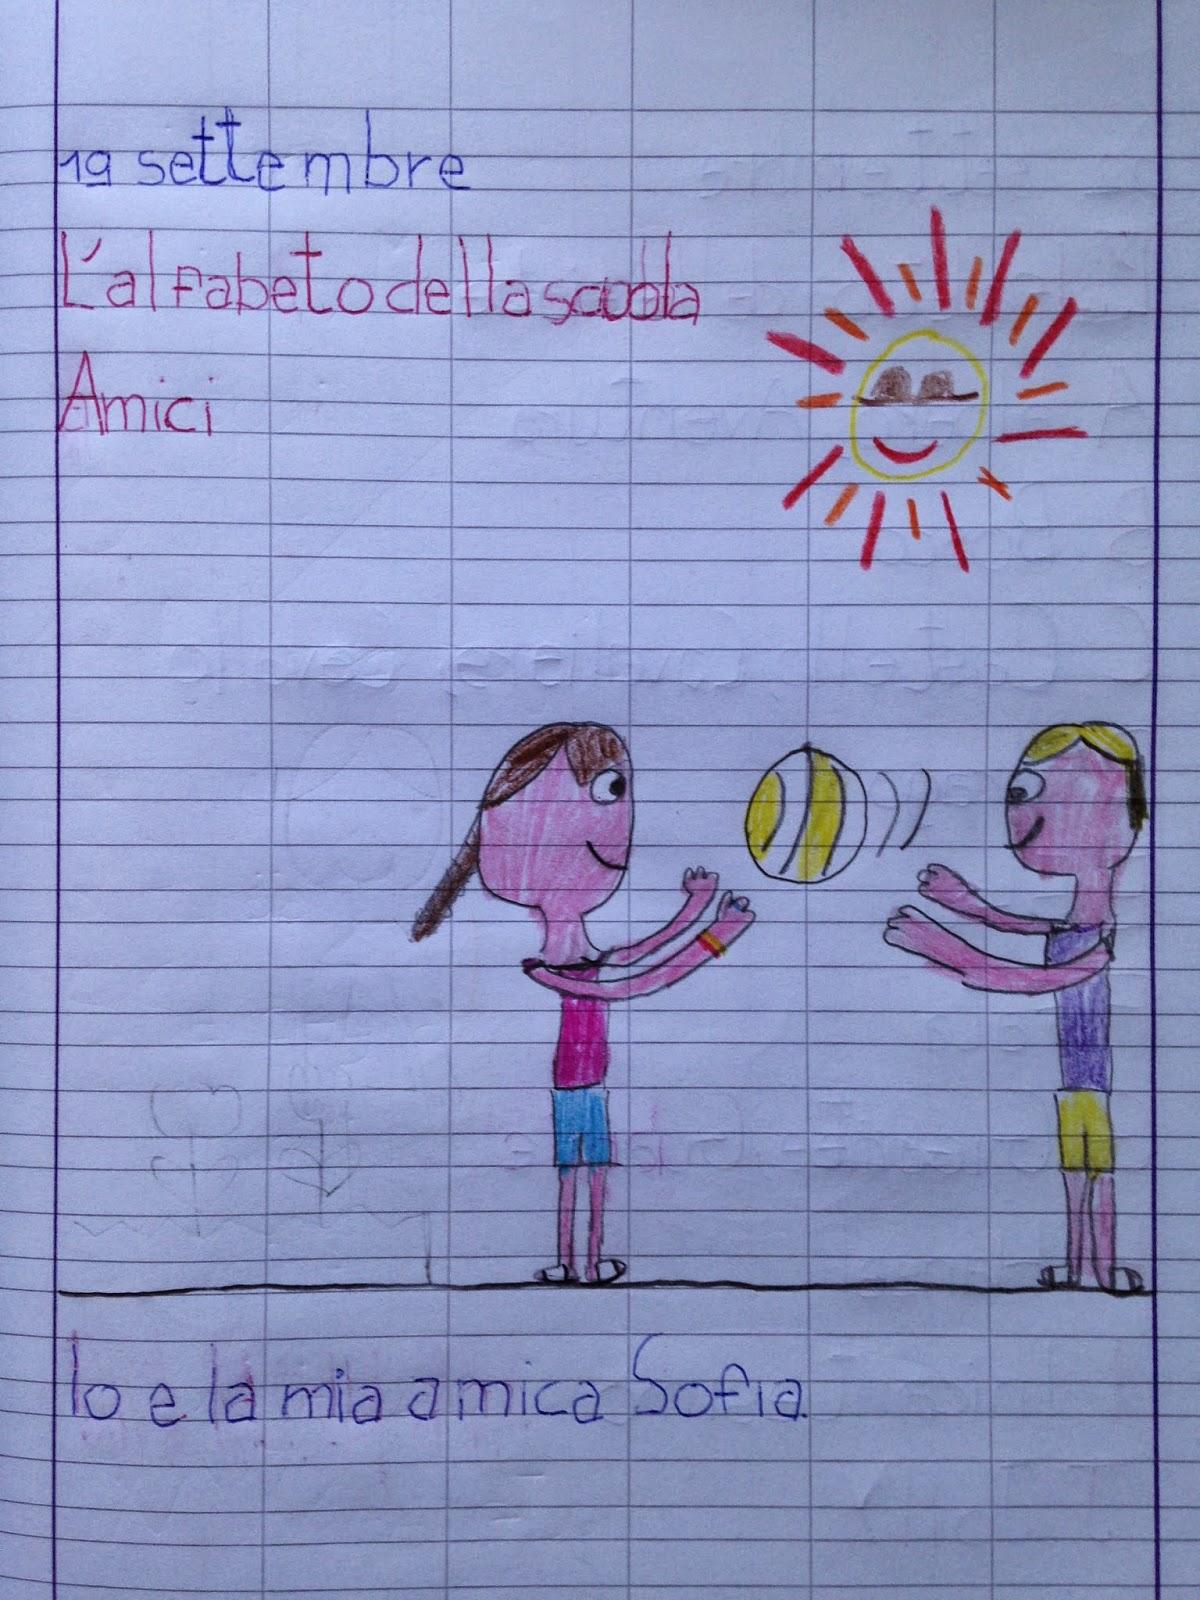 Souvent APEdario: L'alfabeto della scuola LN55